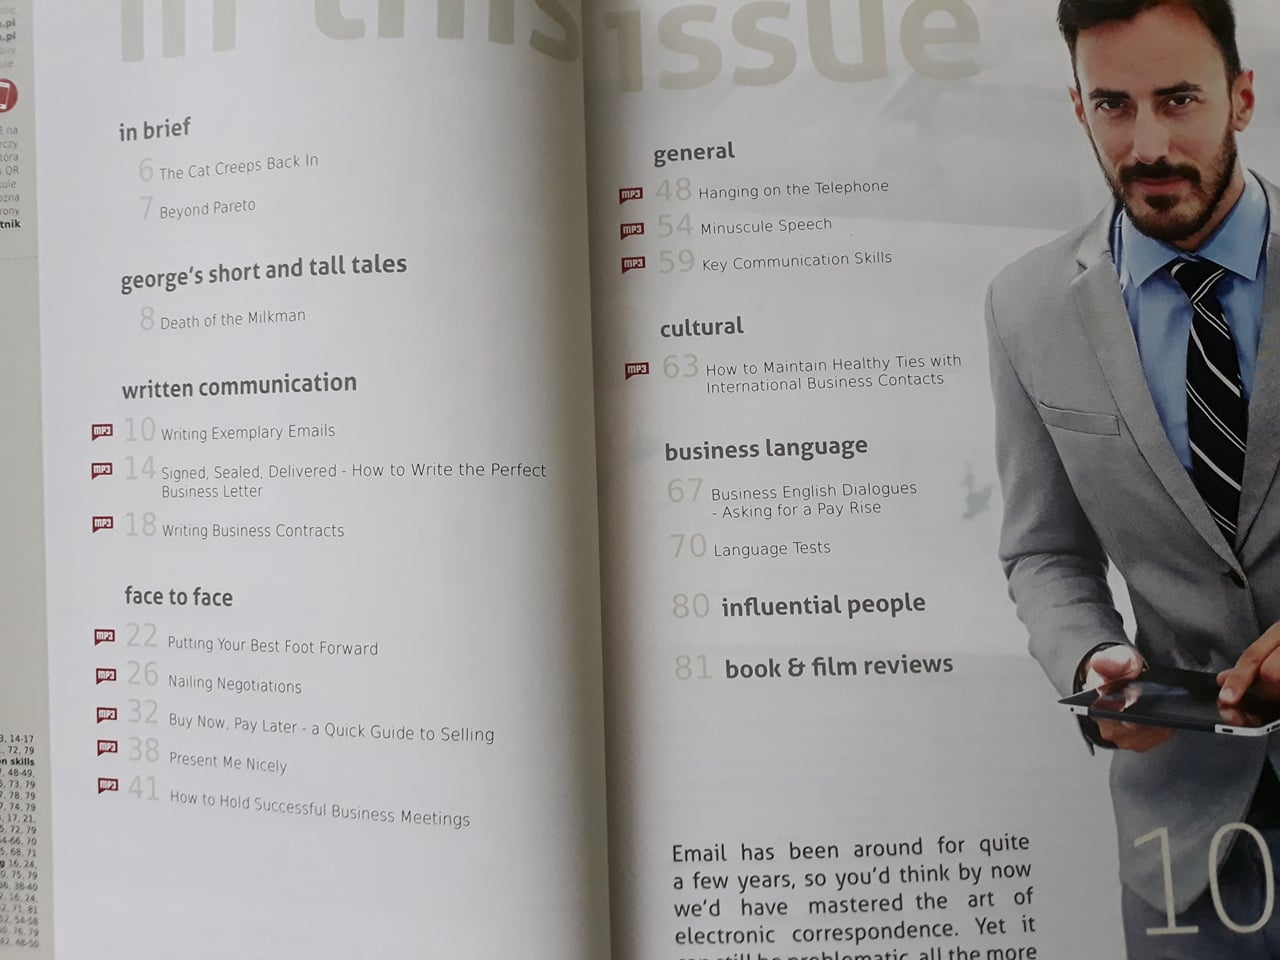 język angielski biznesowy